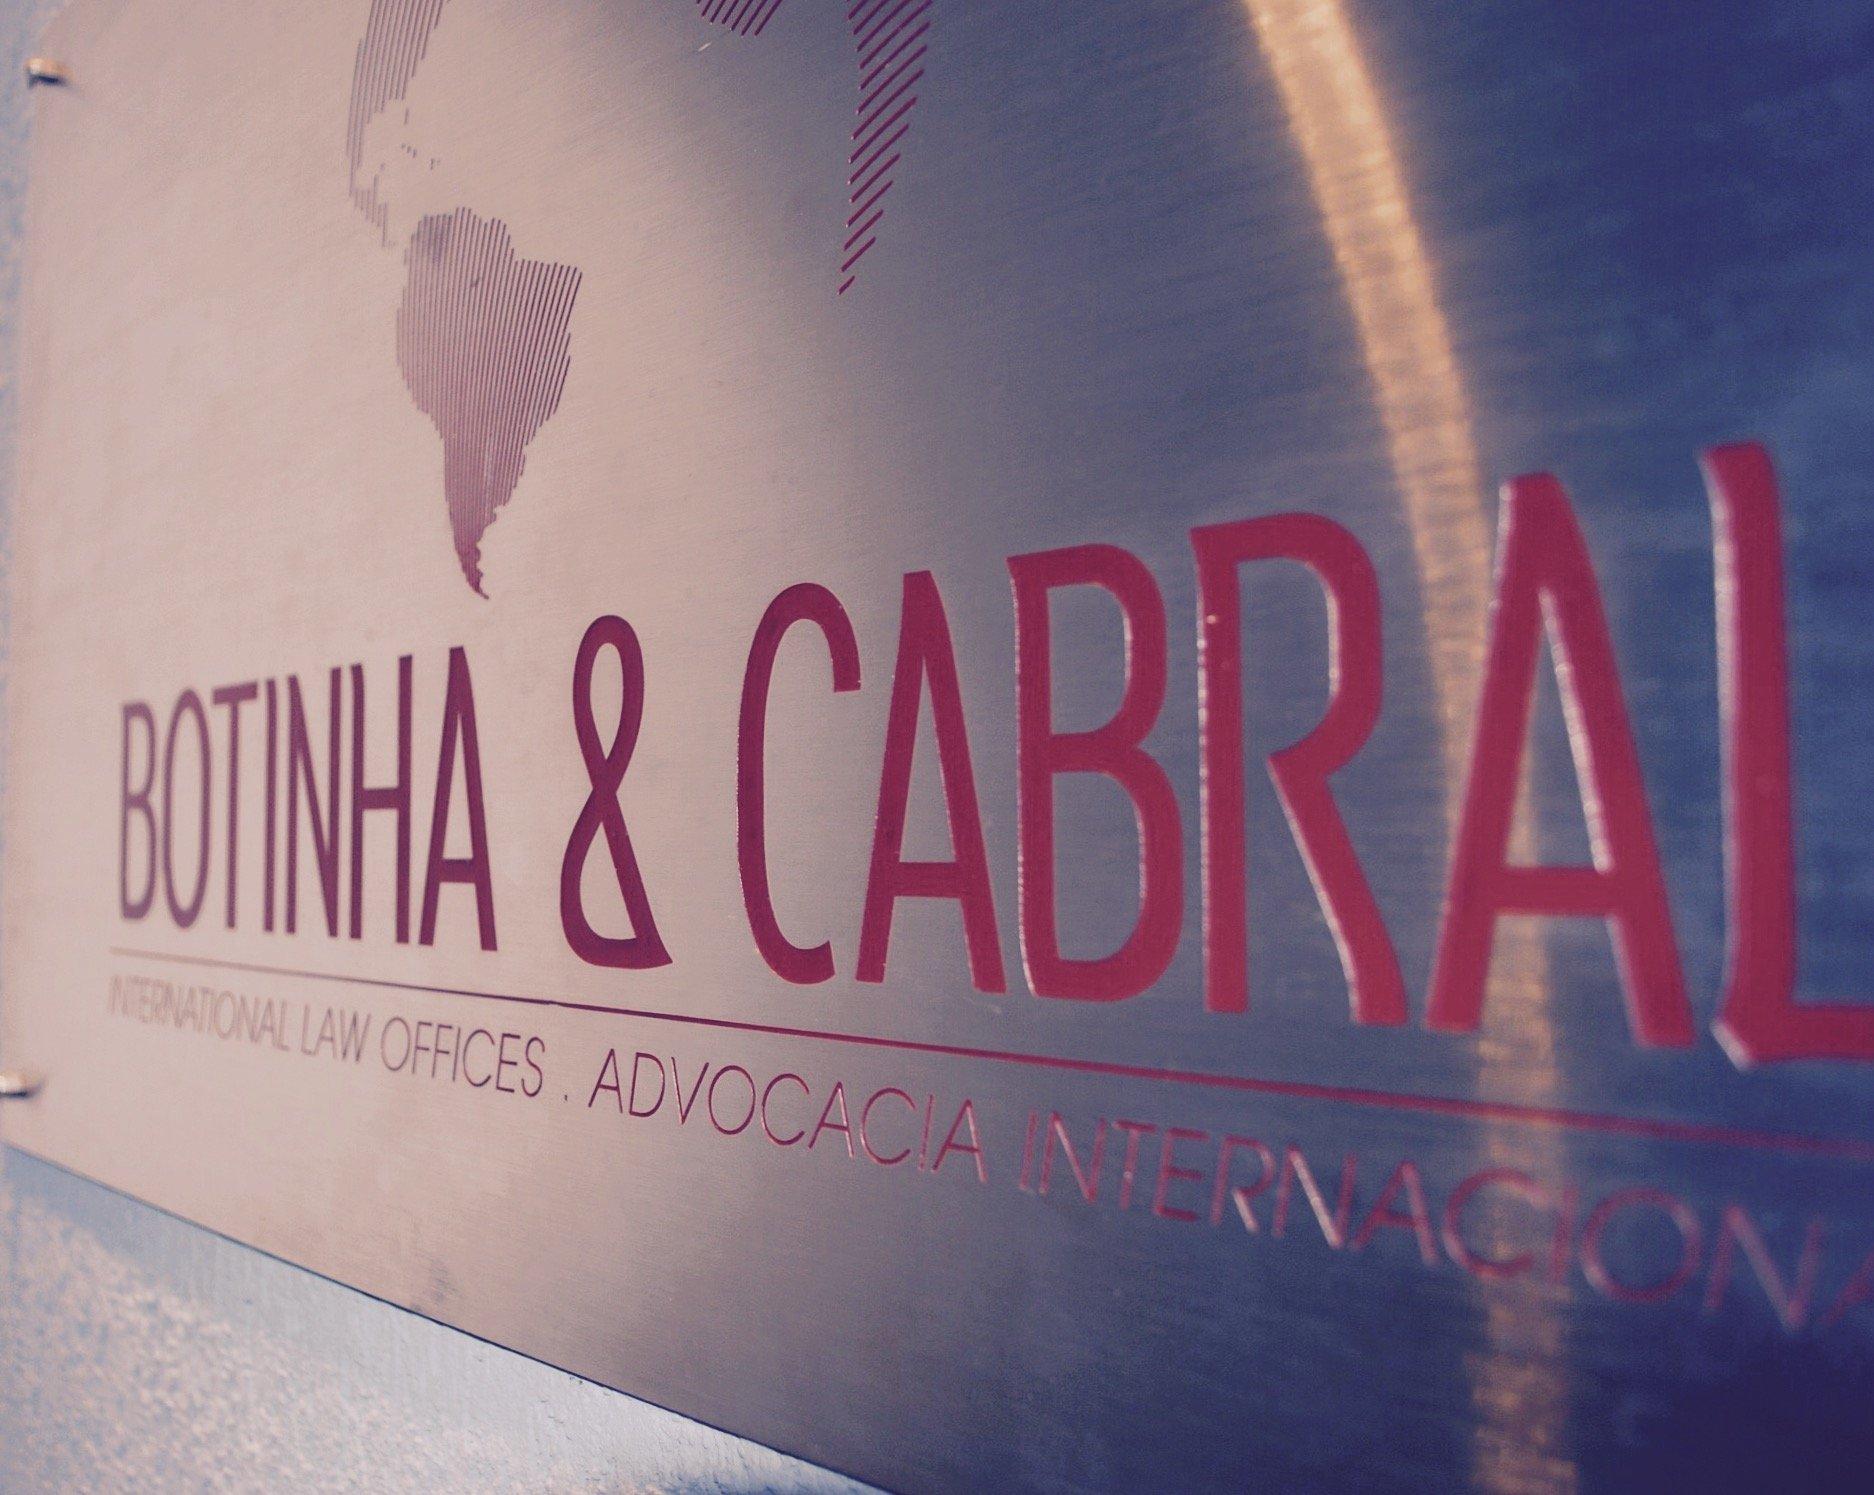 Escritório Botinha & Cabral